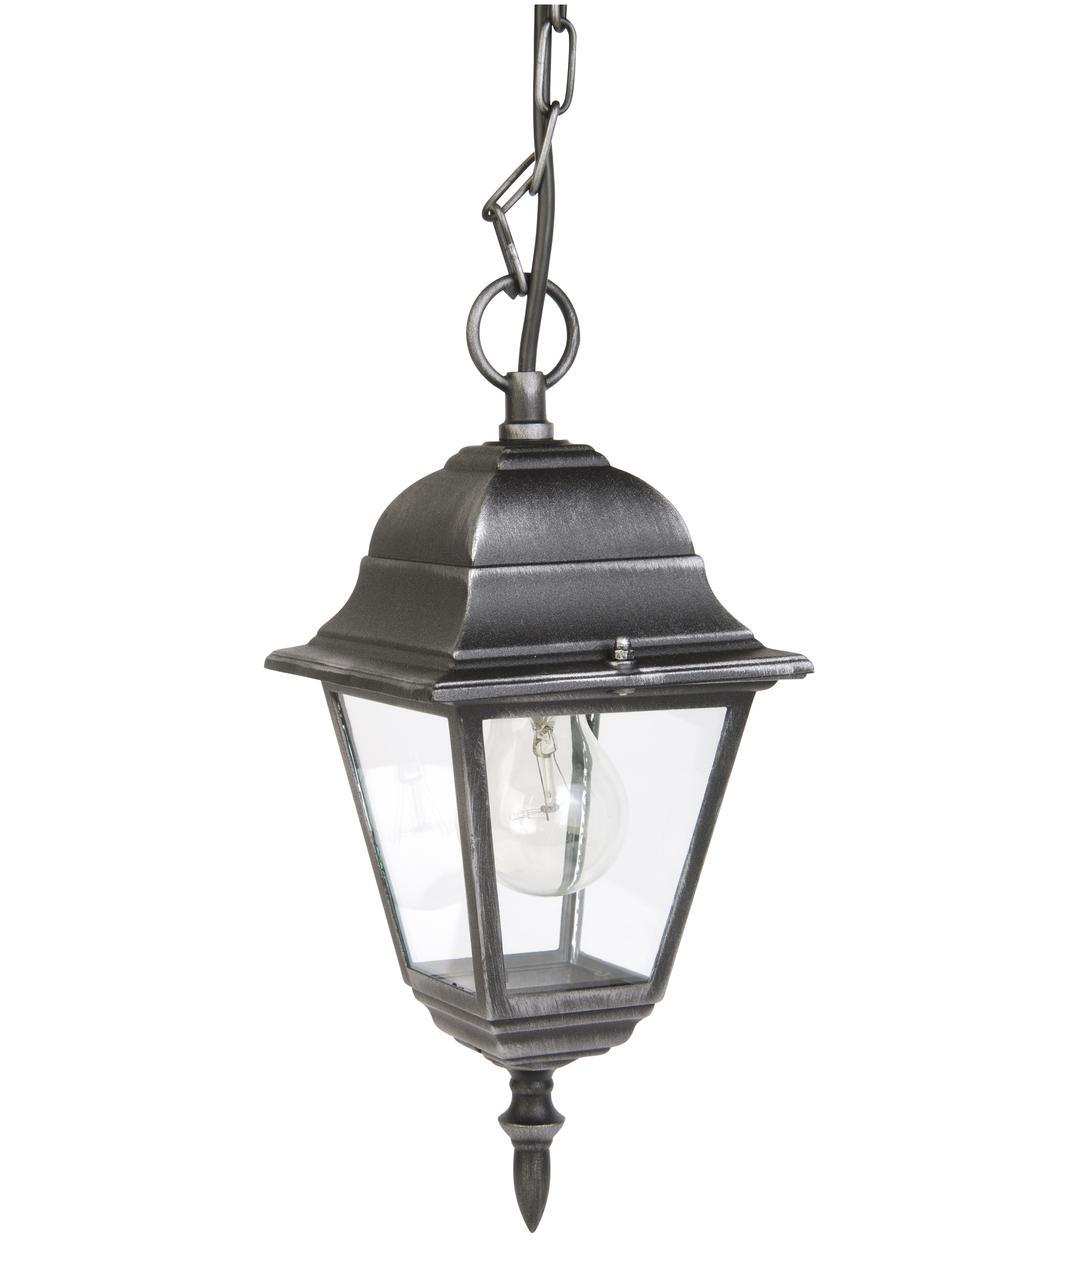 Уличный фонарь подвесной LusterLicht 1115S Wimbledon I